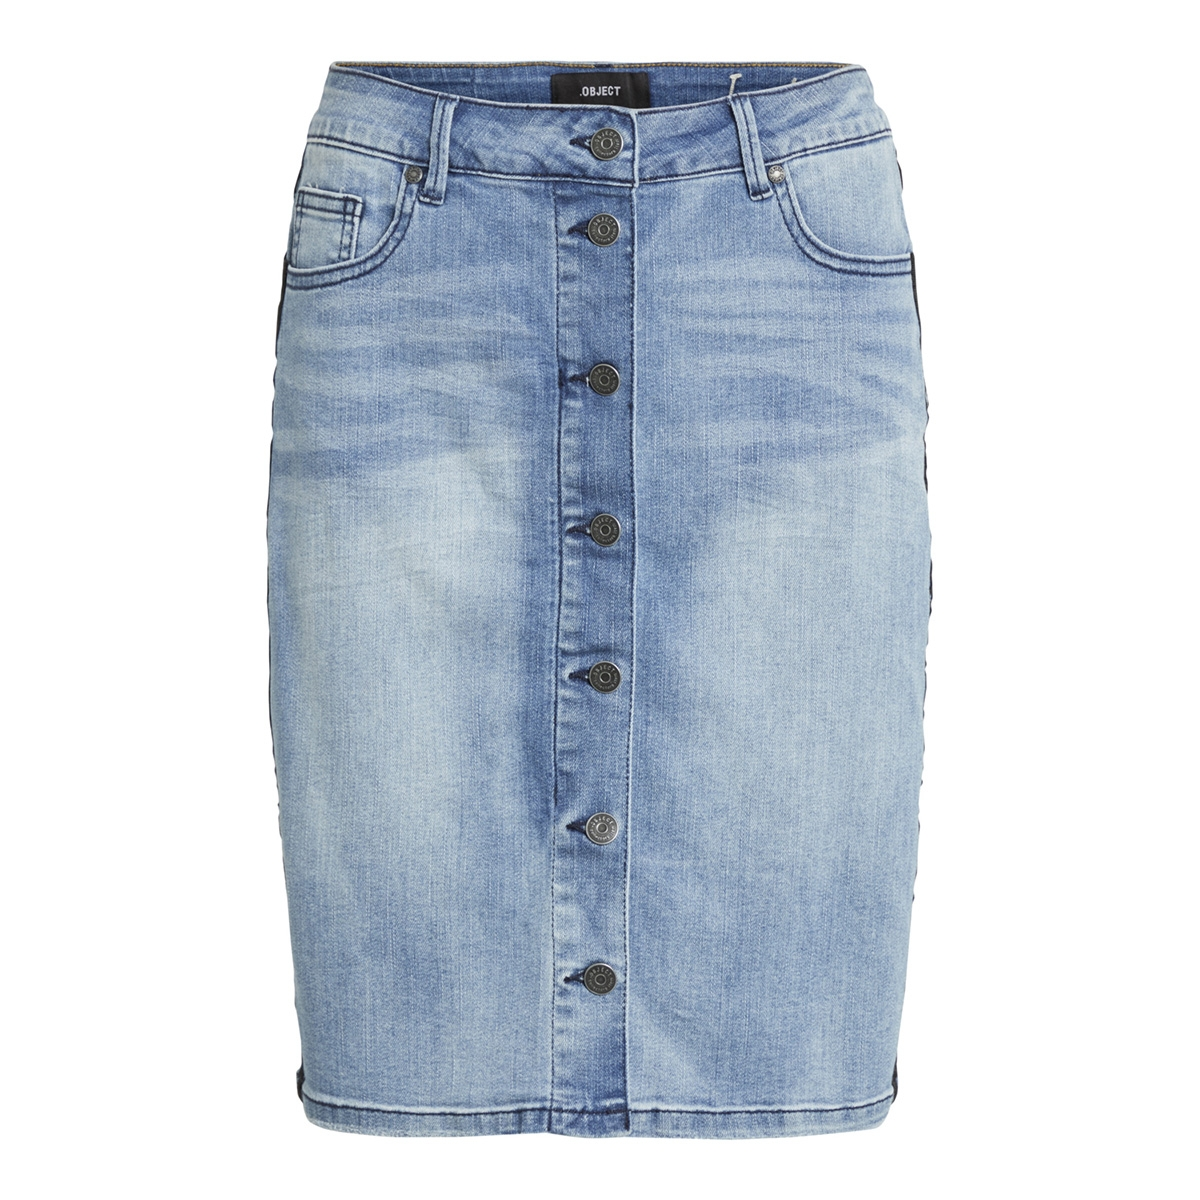 objkey mw denim skirt oxi195 101 23029098 object rok light blue denim